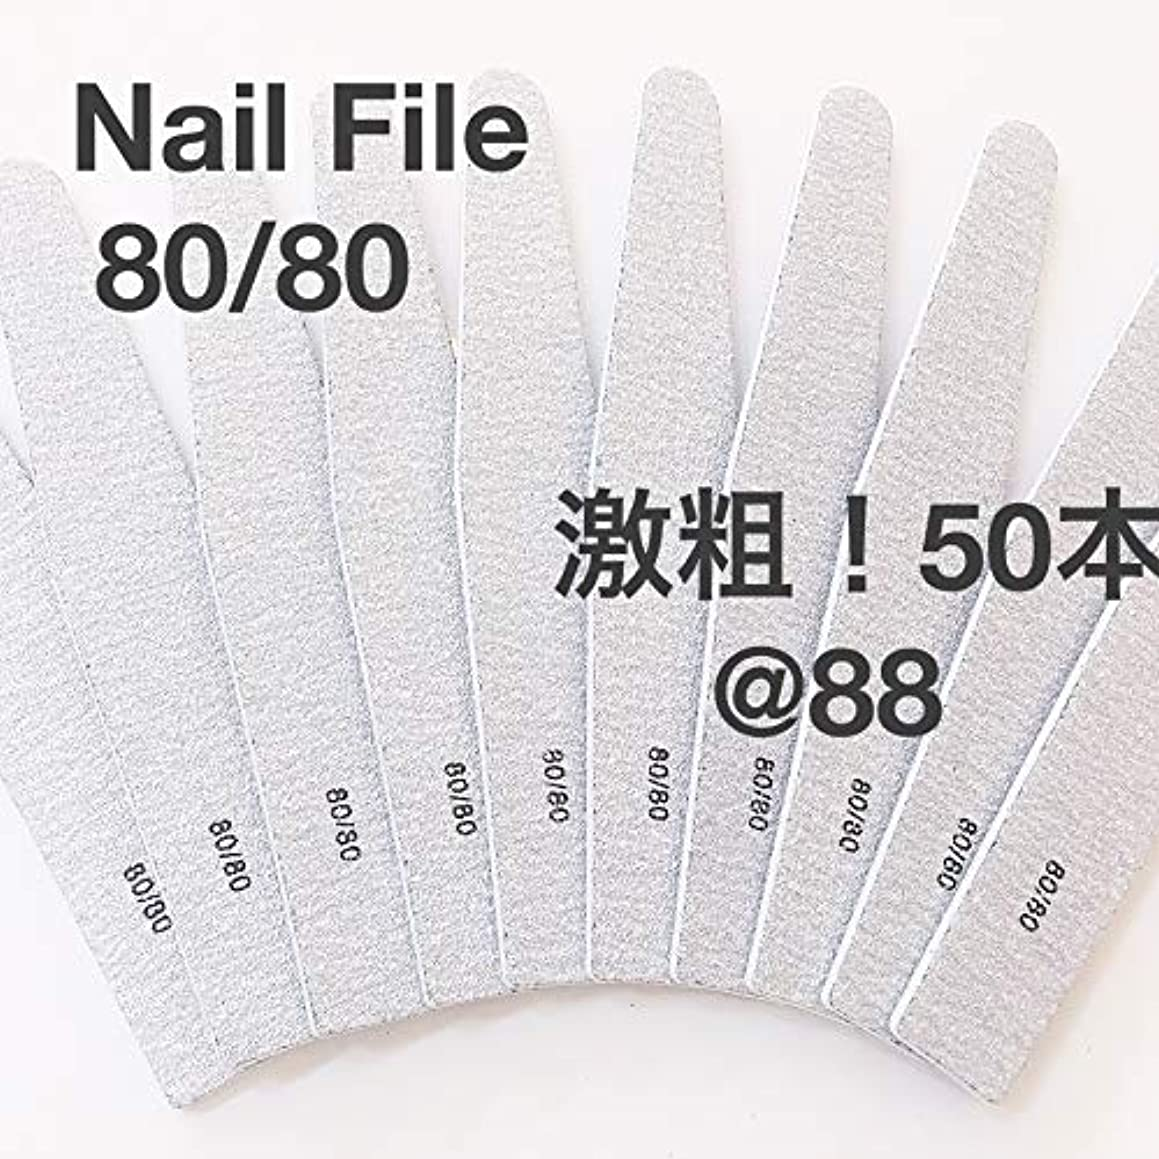 ネイルファイル 80/80激粗【50本セット】ガリガリ削れます!